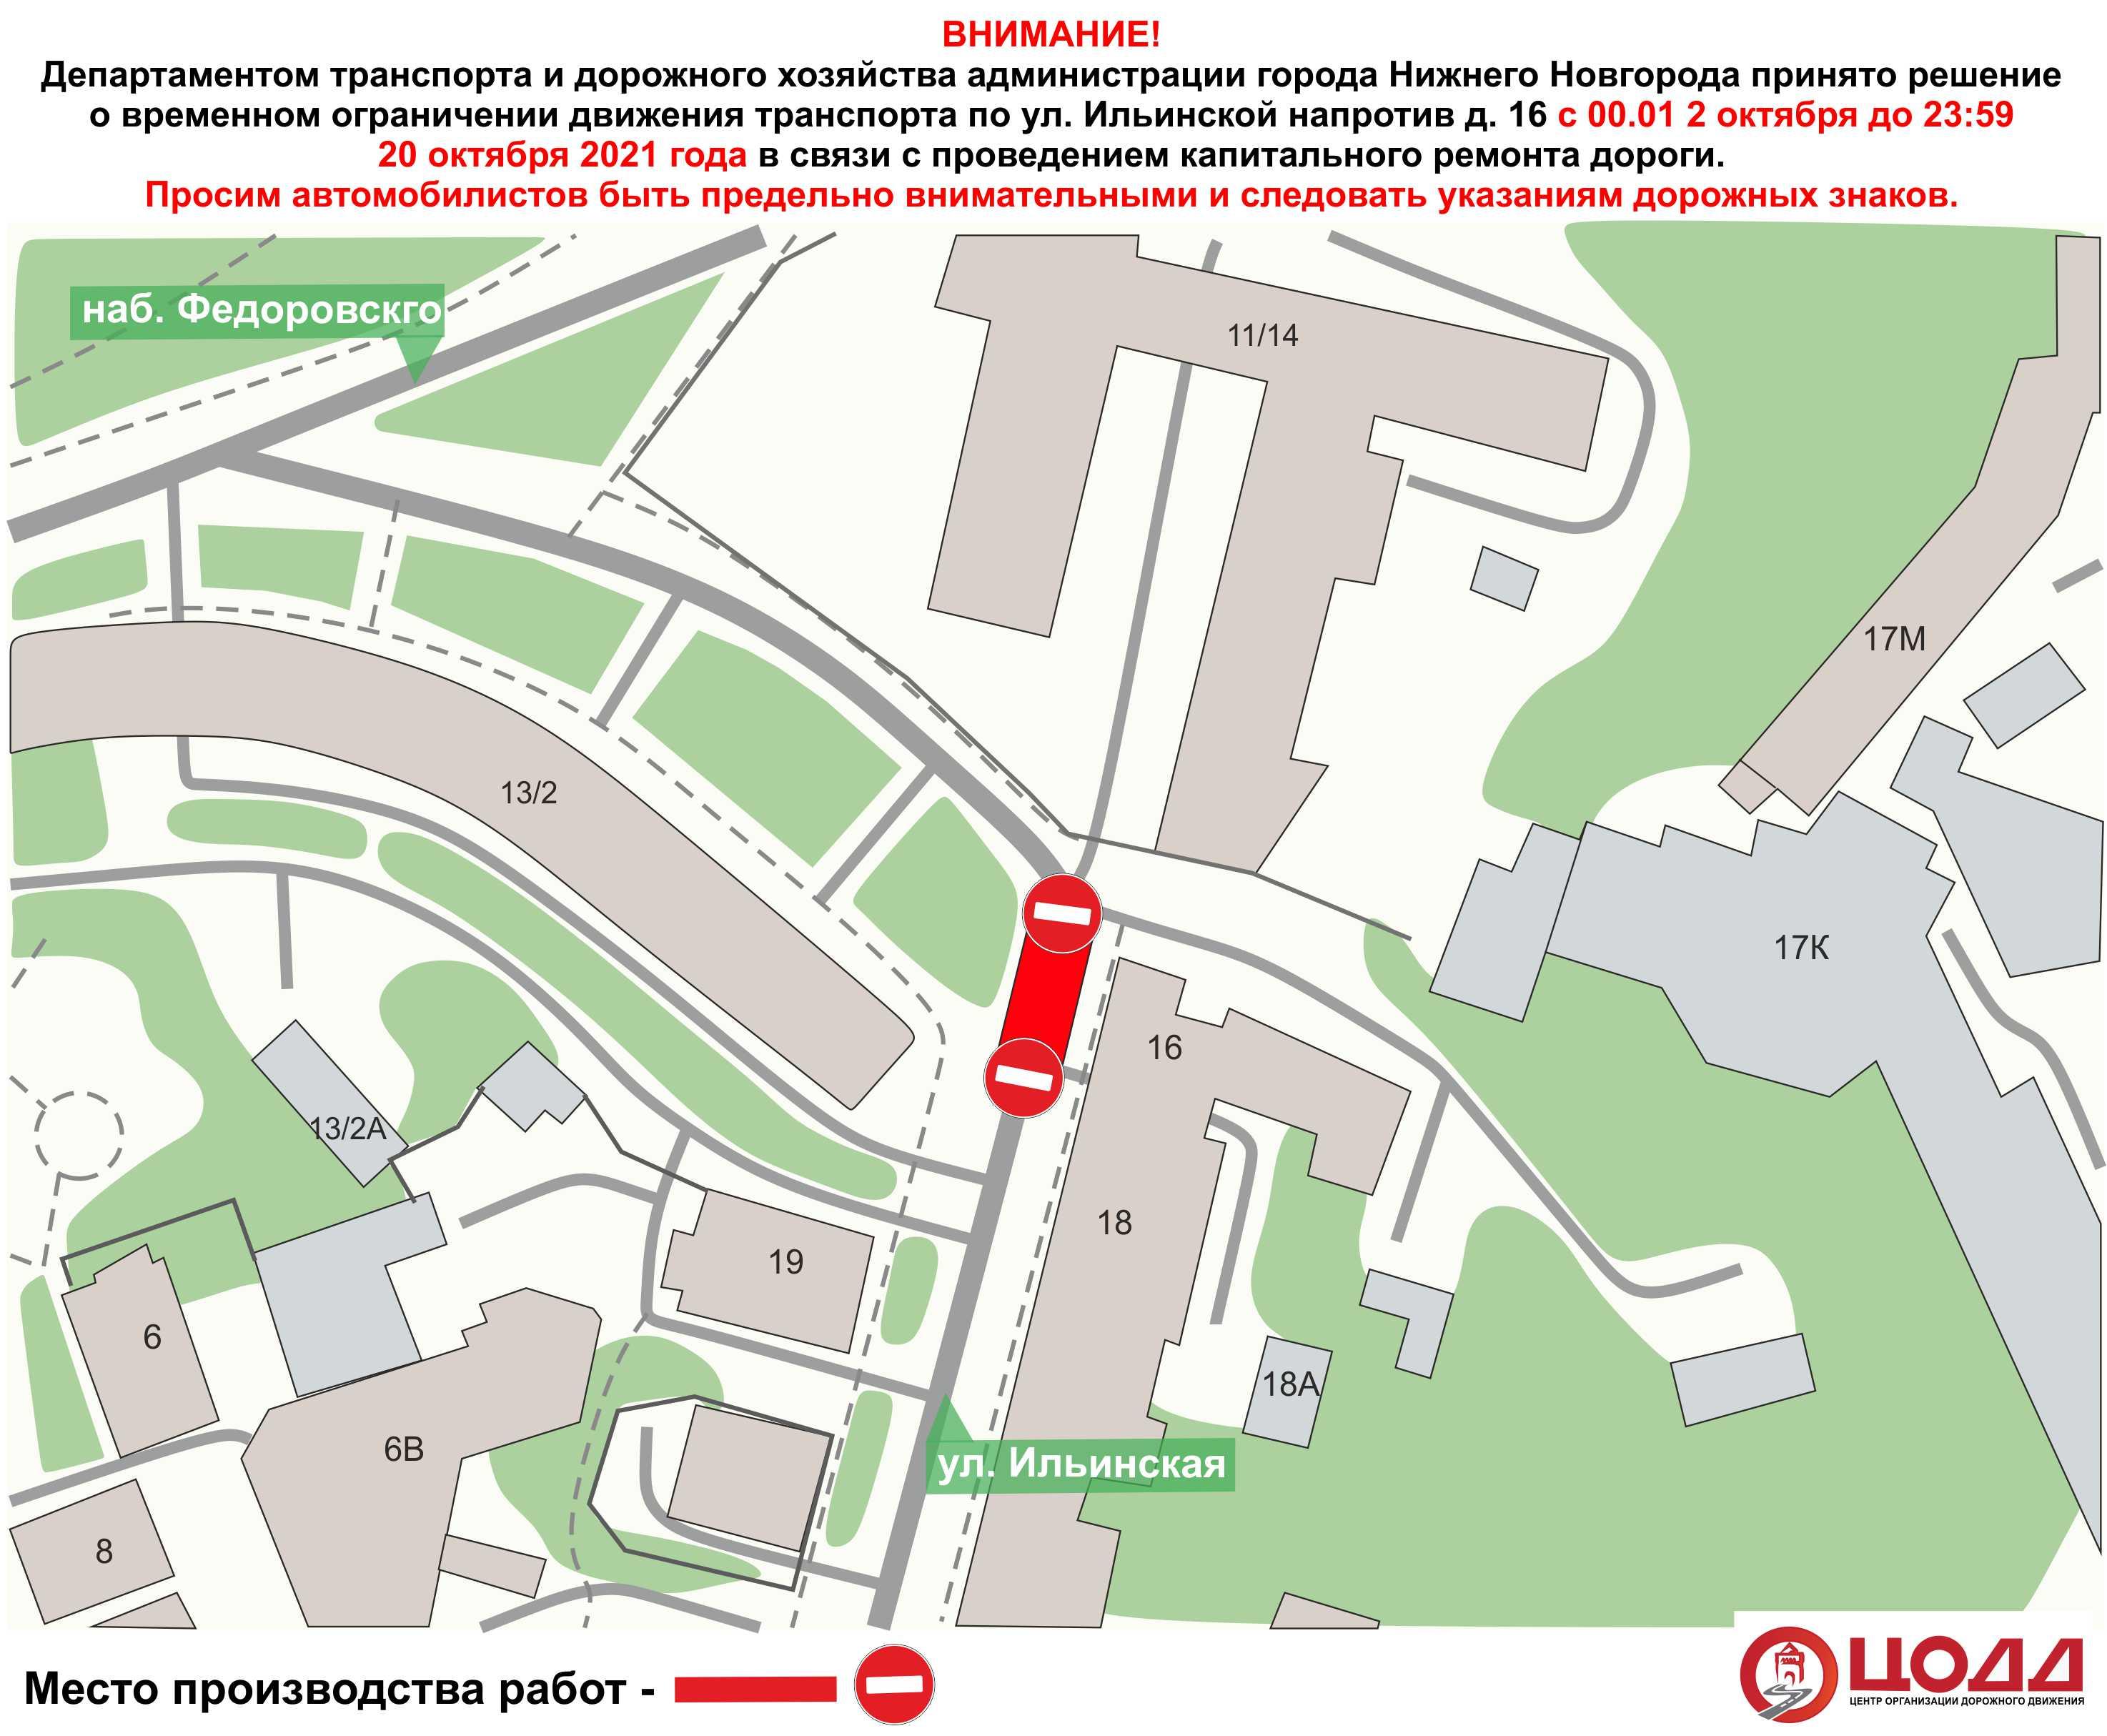 Ильинскую улицу перекроют в Нижнем Новгороде - фото 1